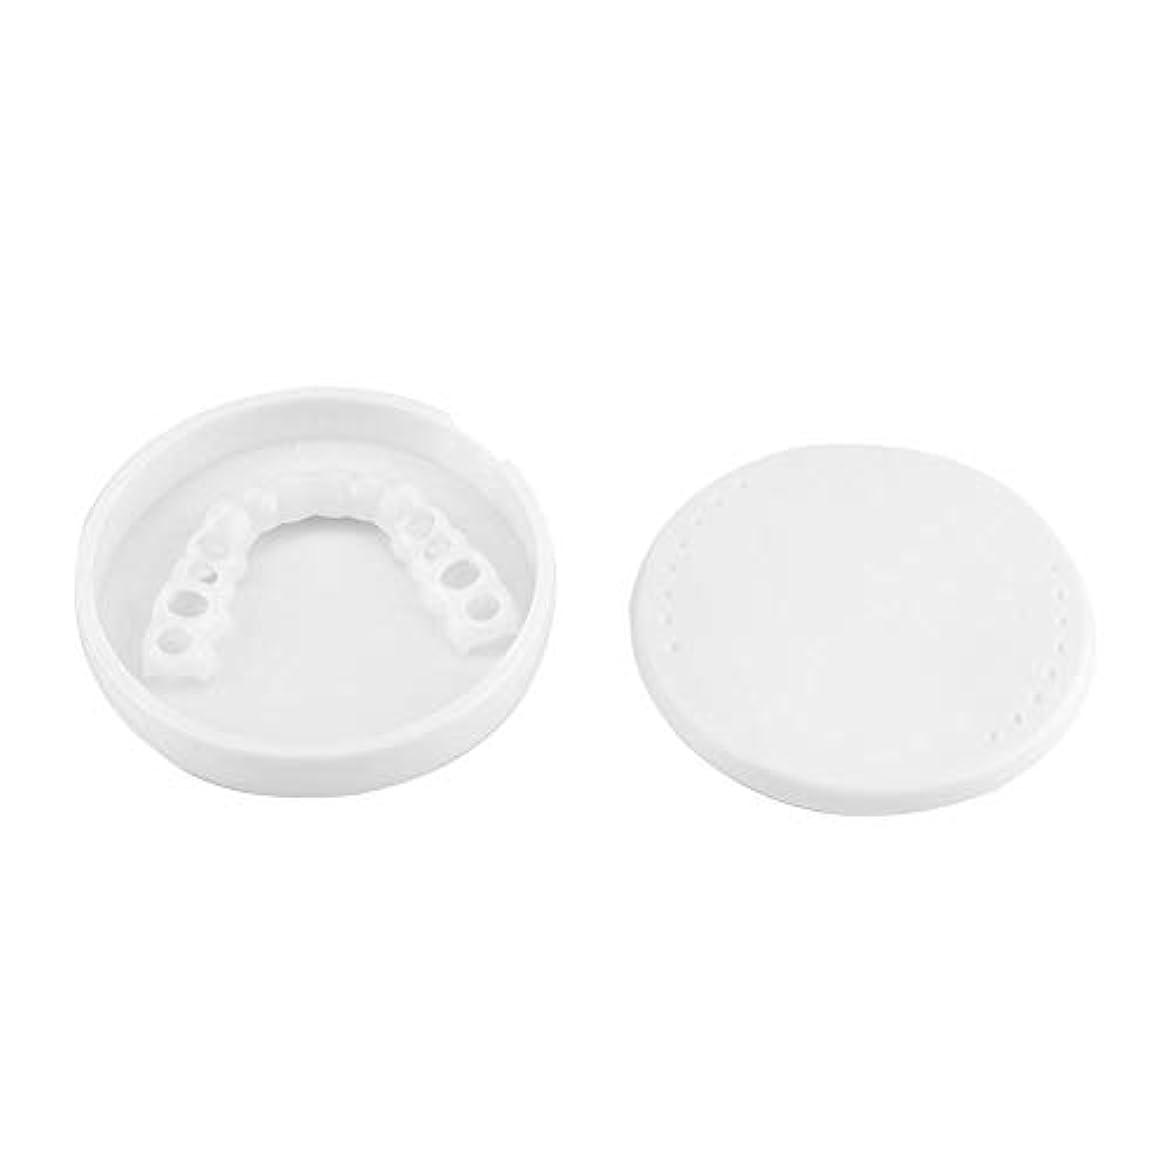 怖がって死ぬ今日サバントSalinr インスタント 完璧なベニヤの歯スナップキャップを白く 一時的な化粧品歯義 歯化粧品シミュレーション 白くする歯カバー フィットフレックス歯ベニア上の歯+下歯のセット